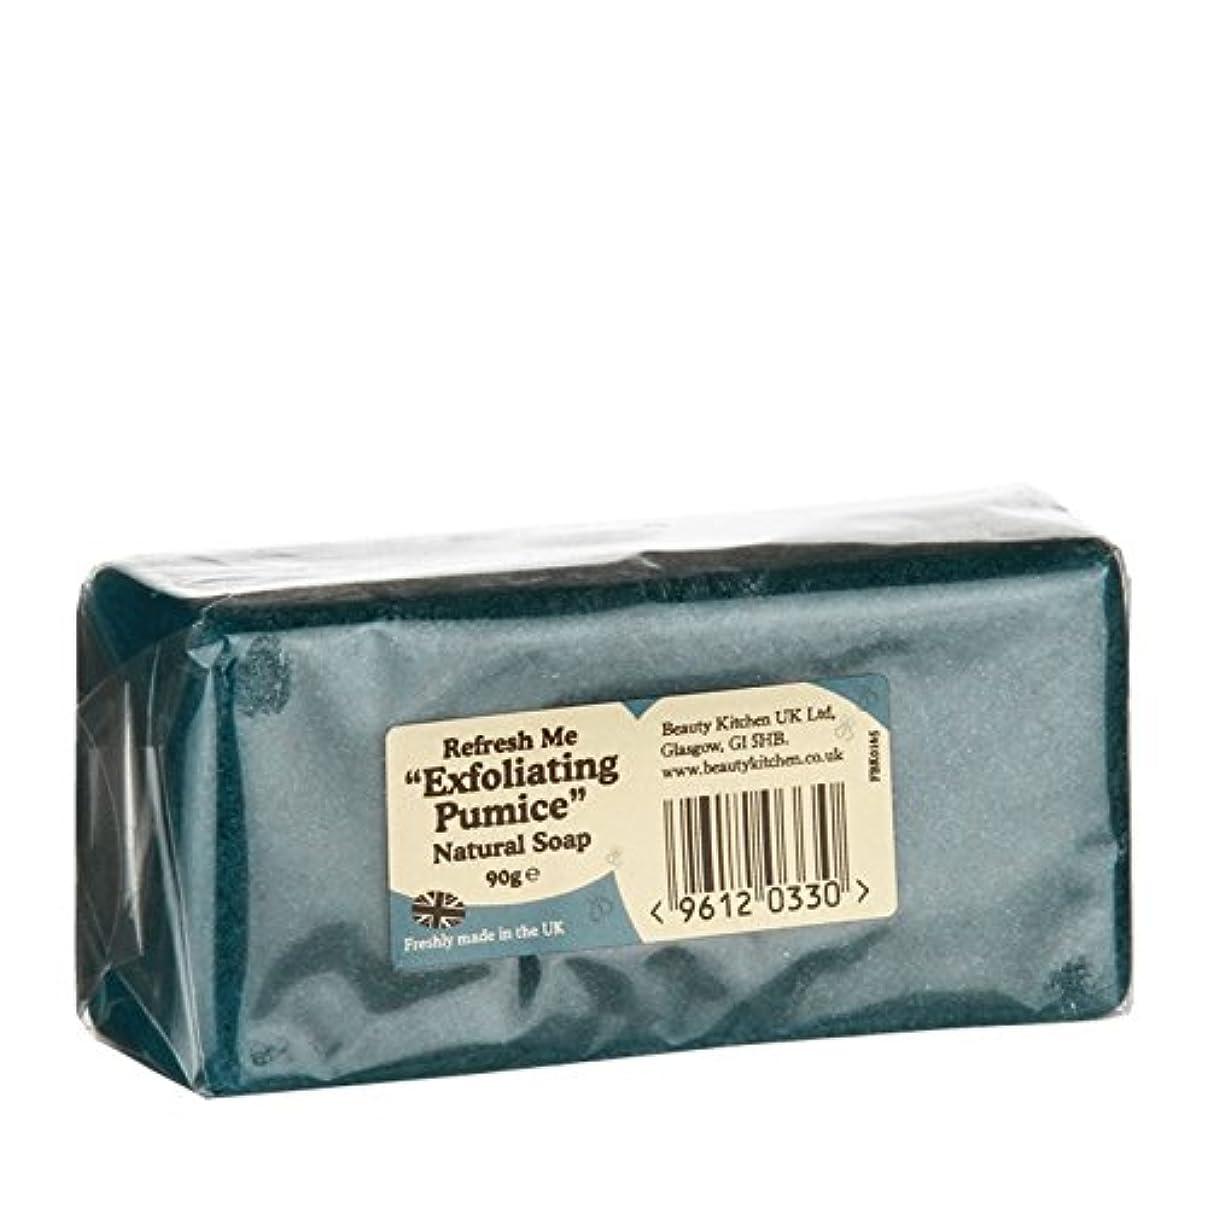 合成合成取り付け美しさのキッチンは、軽石の天然石鹸90グラムを剥離私をリフレッシュ - Beauty Kitchen Refresh Me Exfoliating Pumice Natural Soap 90g (Beauty Kitchen) [並行輸入品]